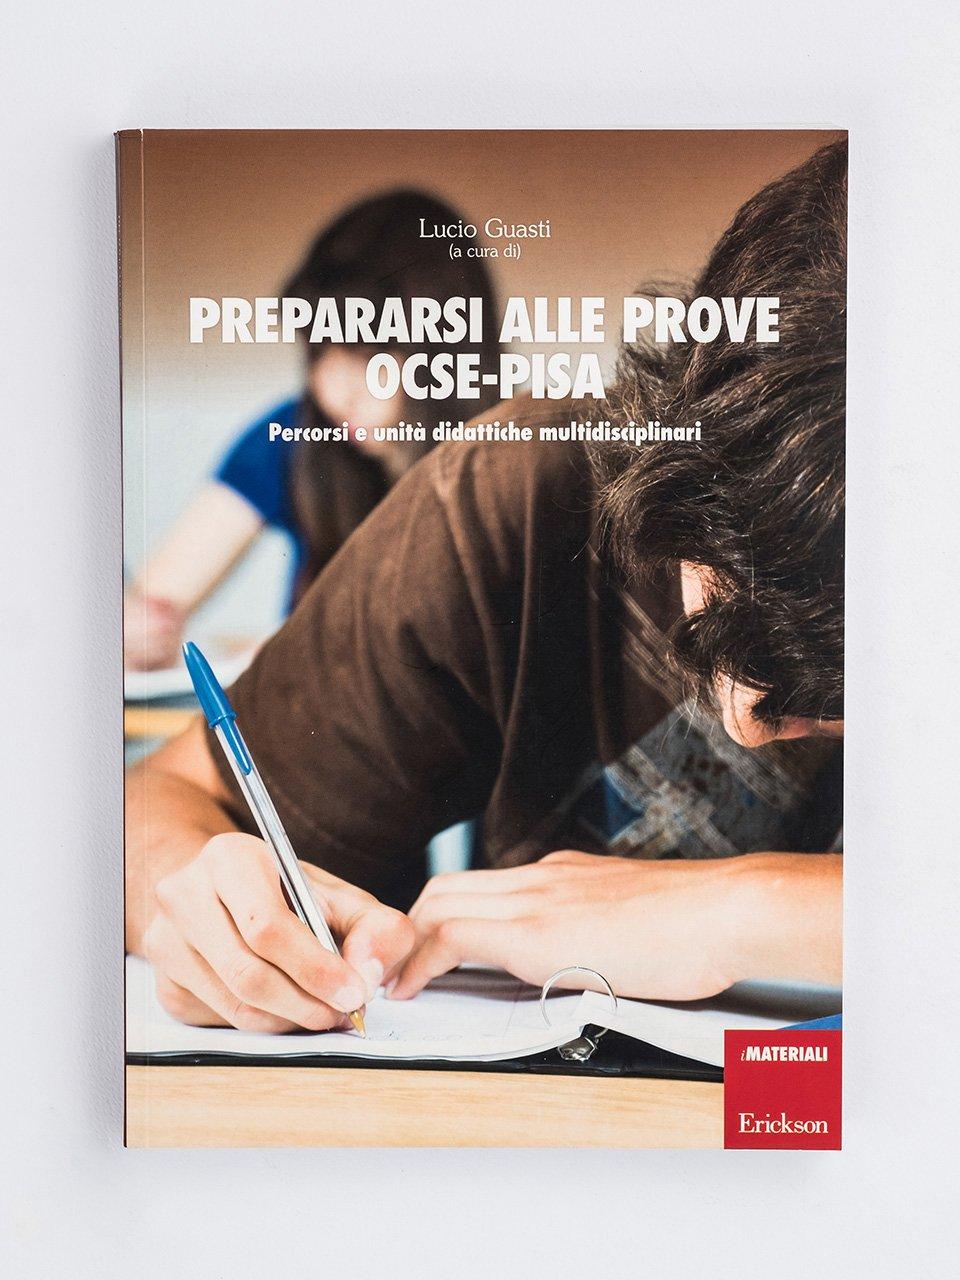 Prepararsi alle prove OCSE-Pisa - Competenze e valutazione metodologica - Libri - Erickson